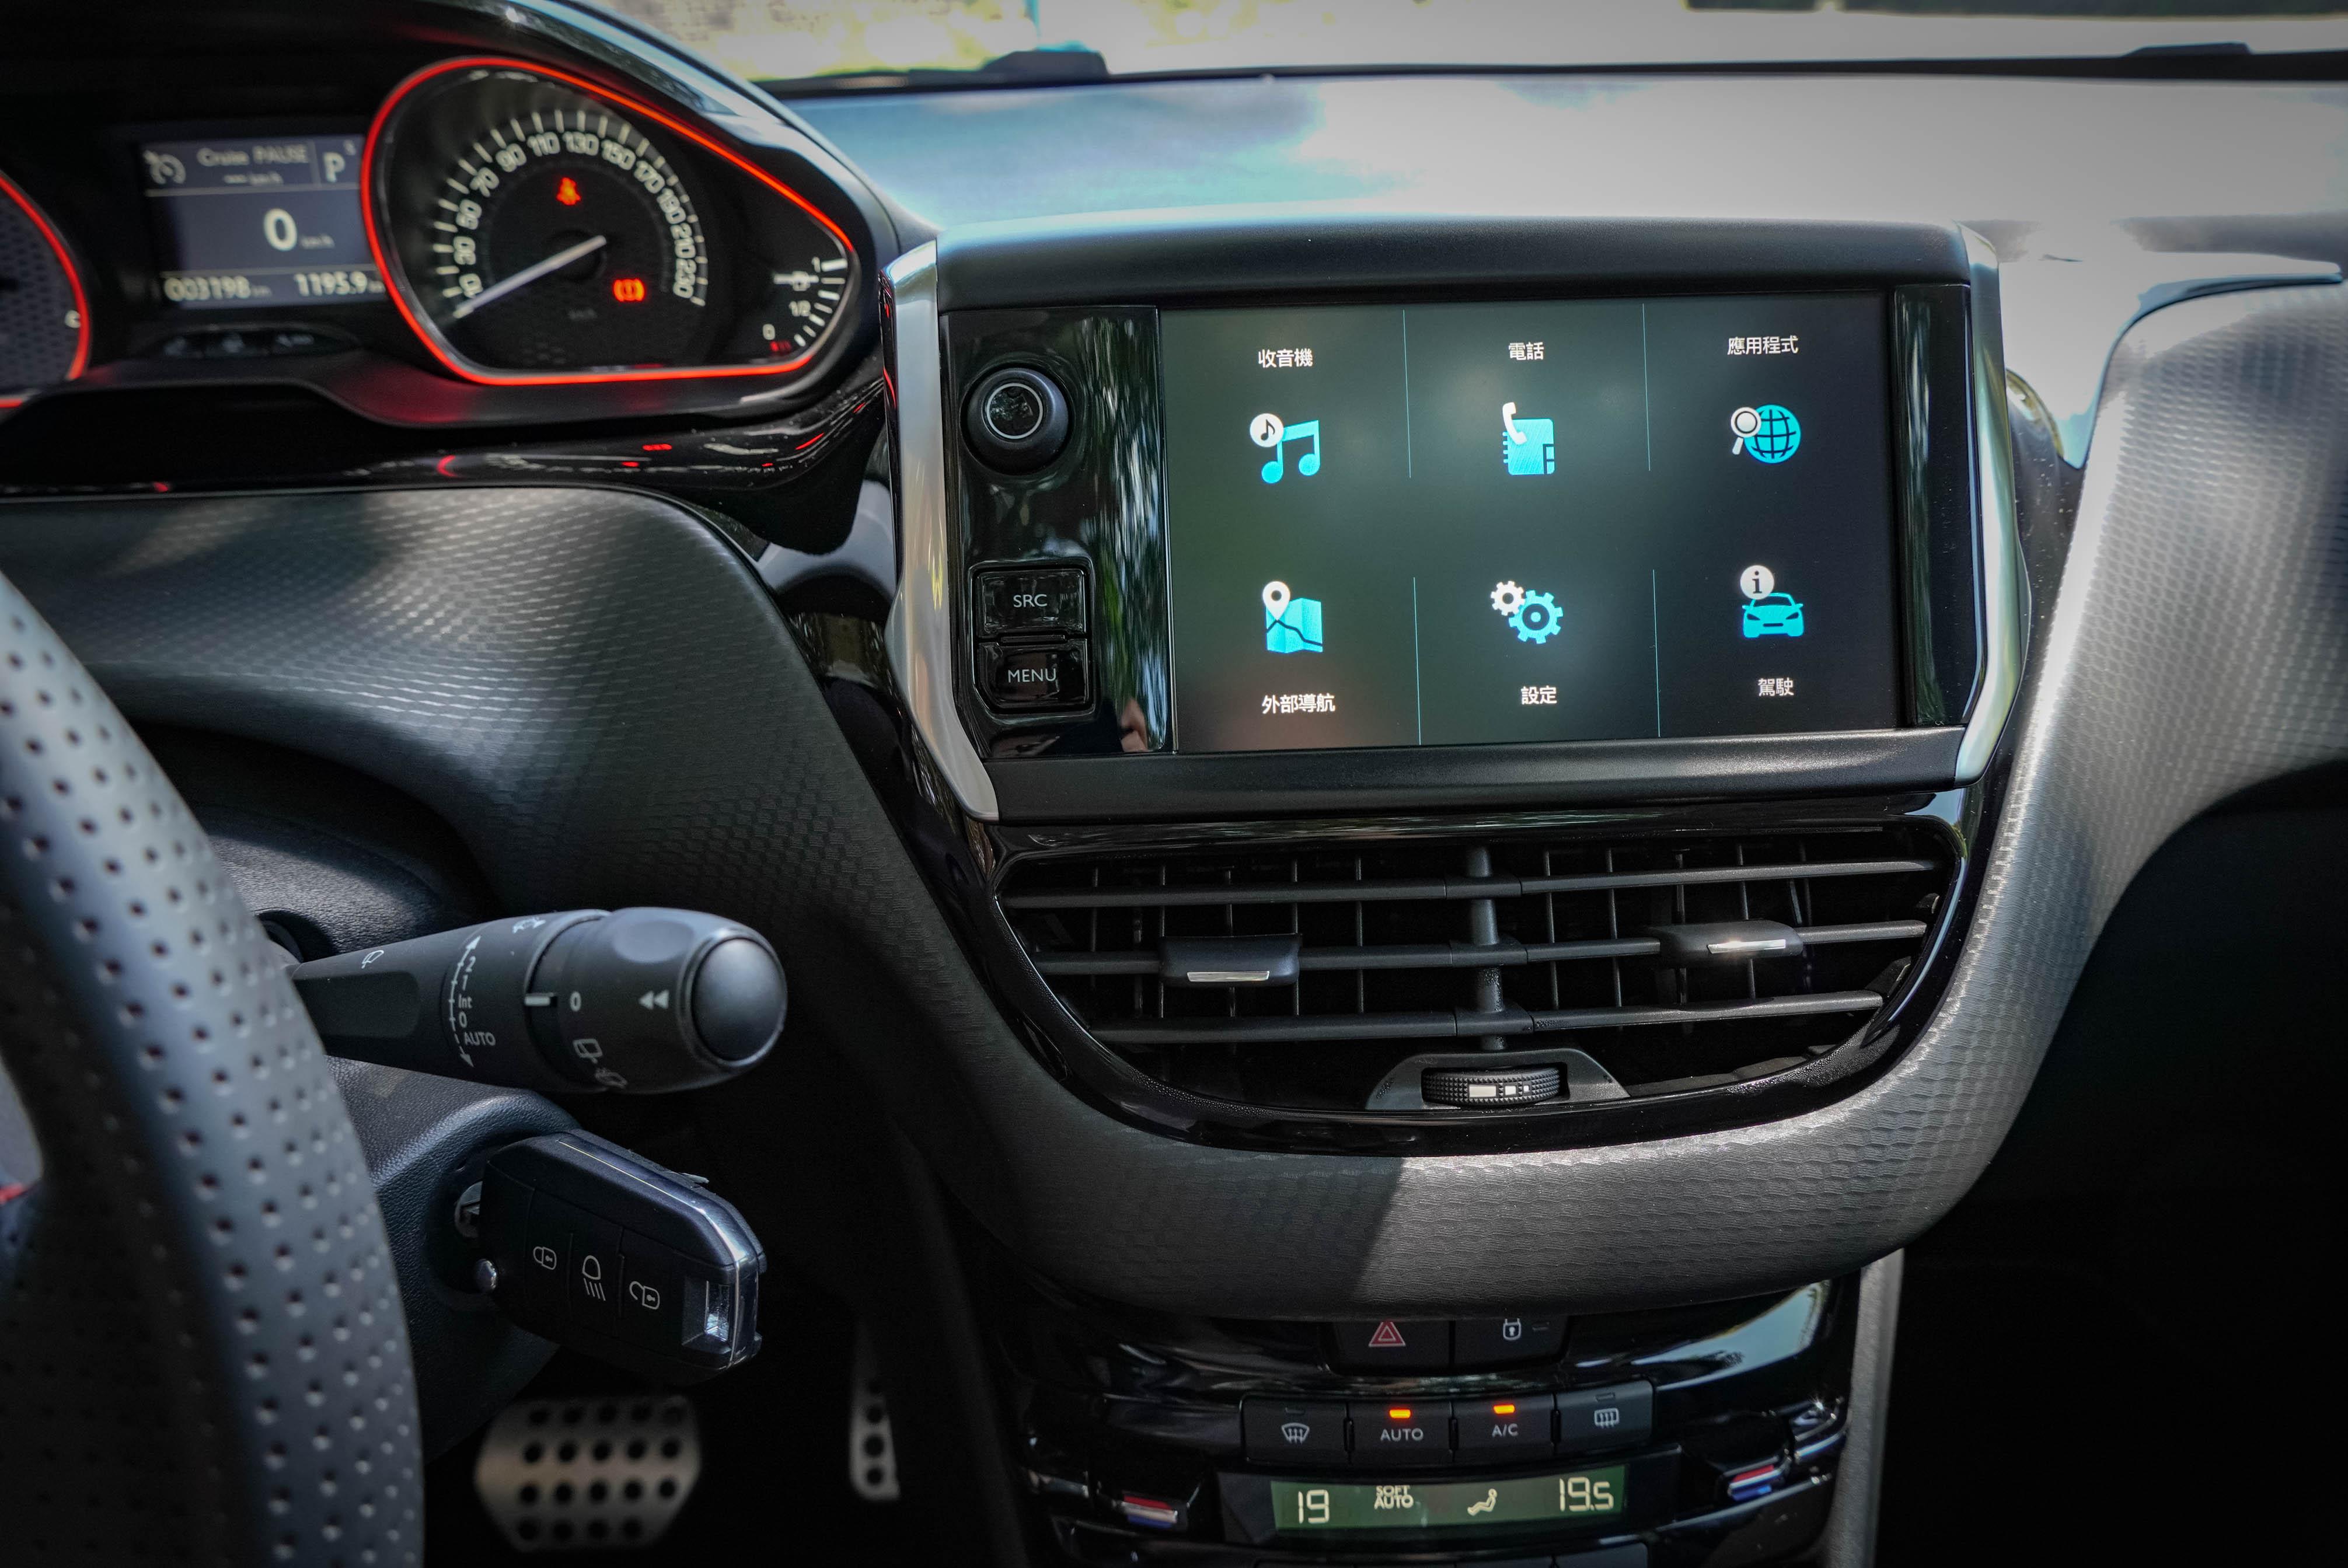 觸控螢幕支援 Peugeot Mirror Screen 鏡射系統,支援 Apple Carplay 及 MirrorLink。